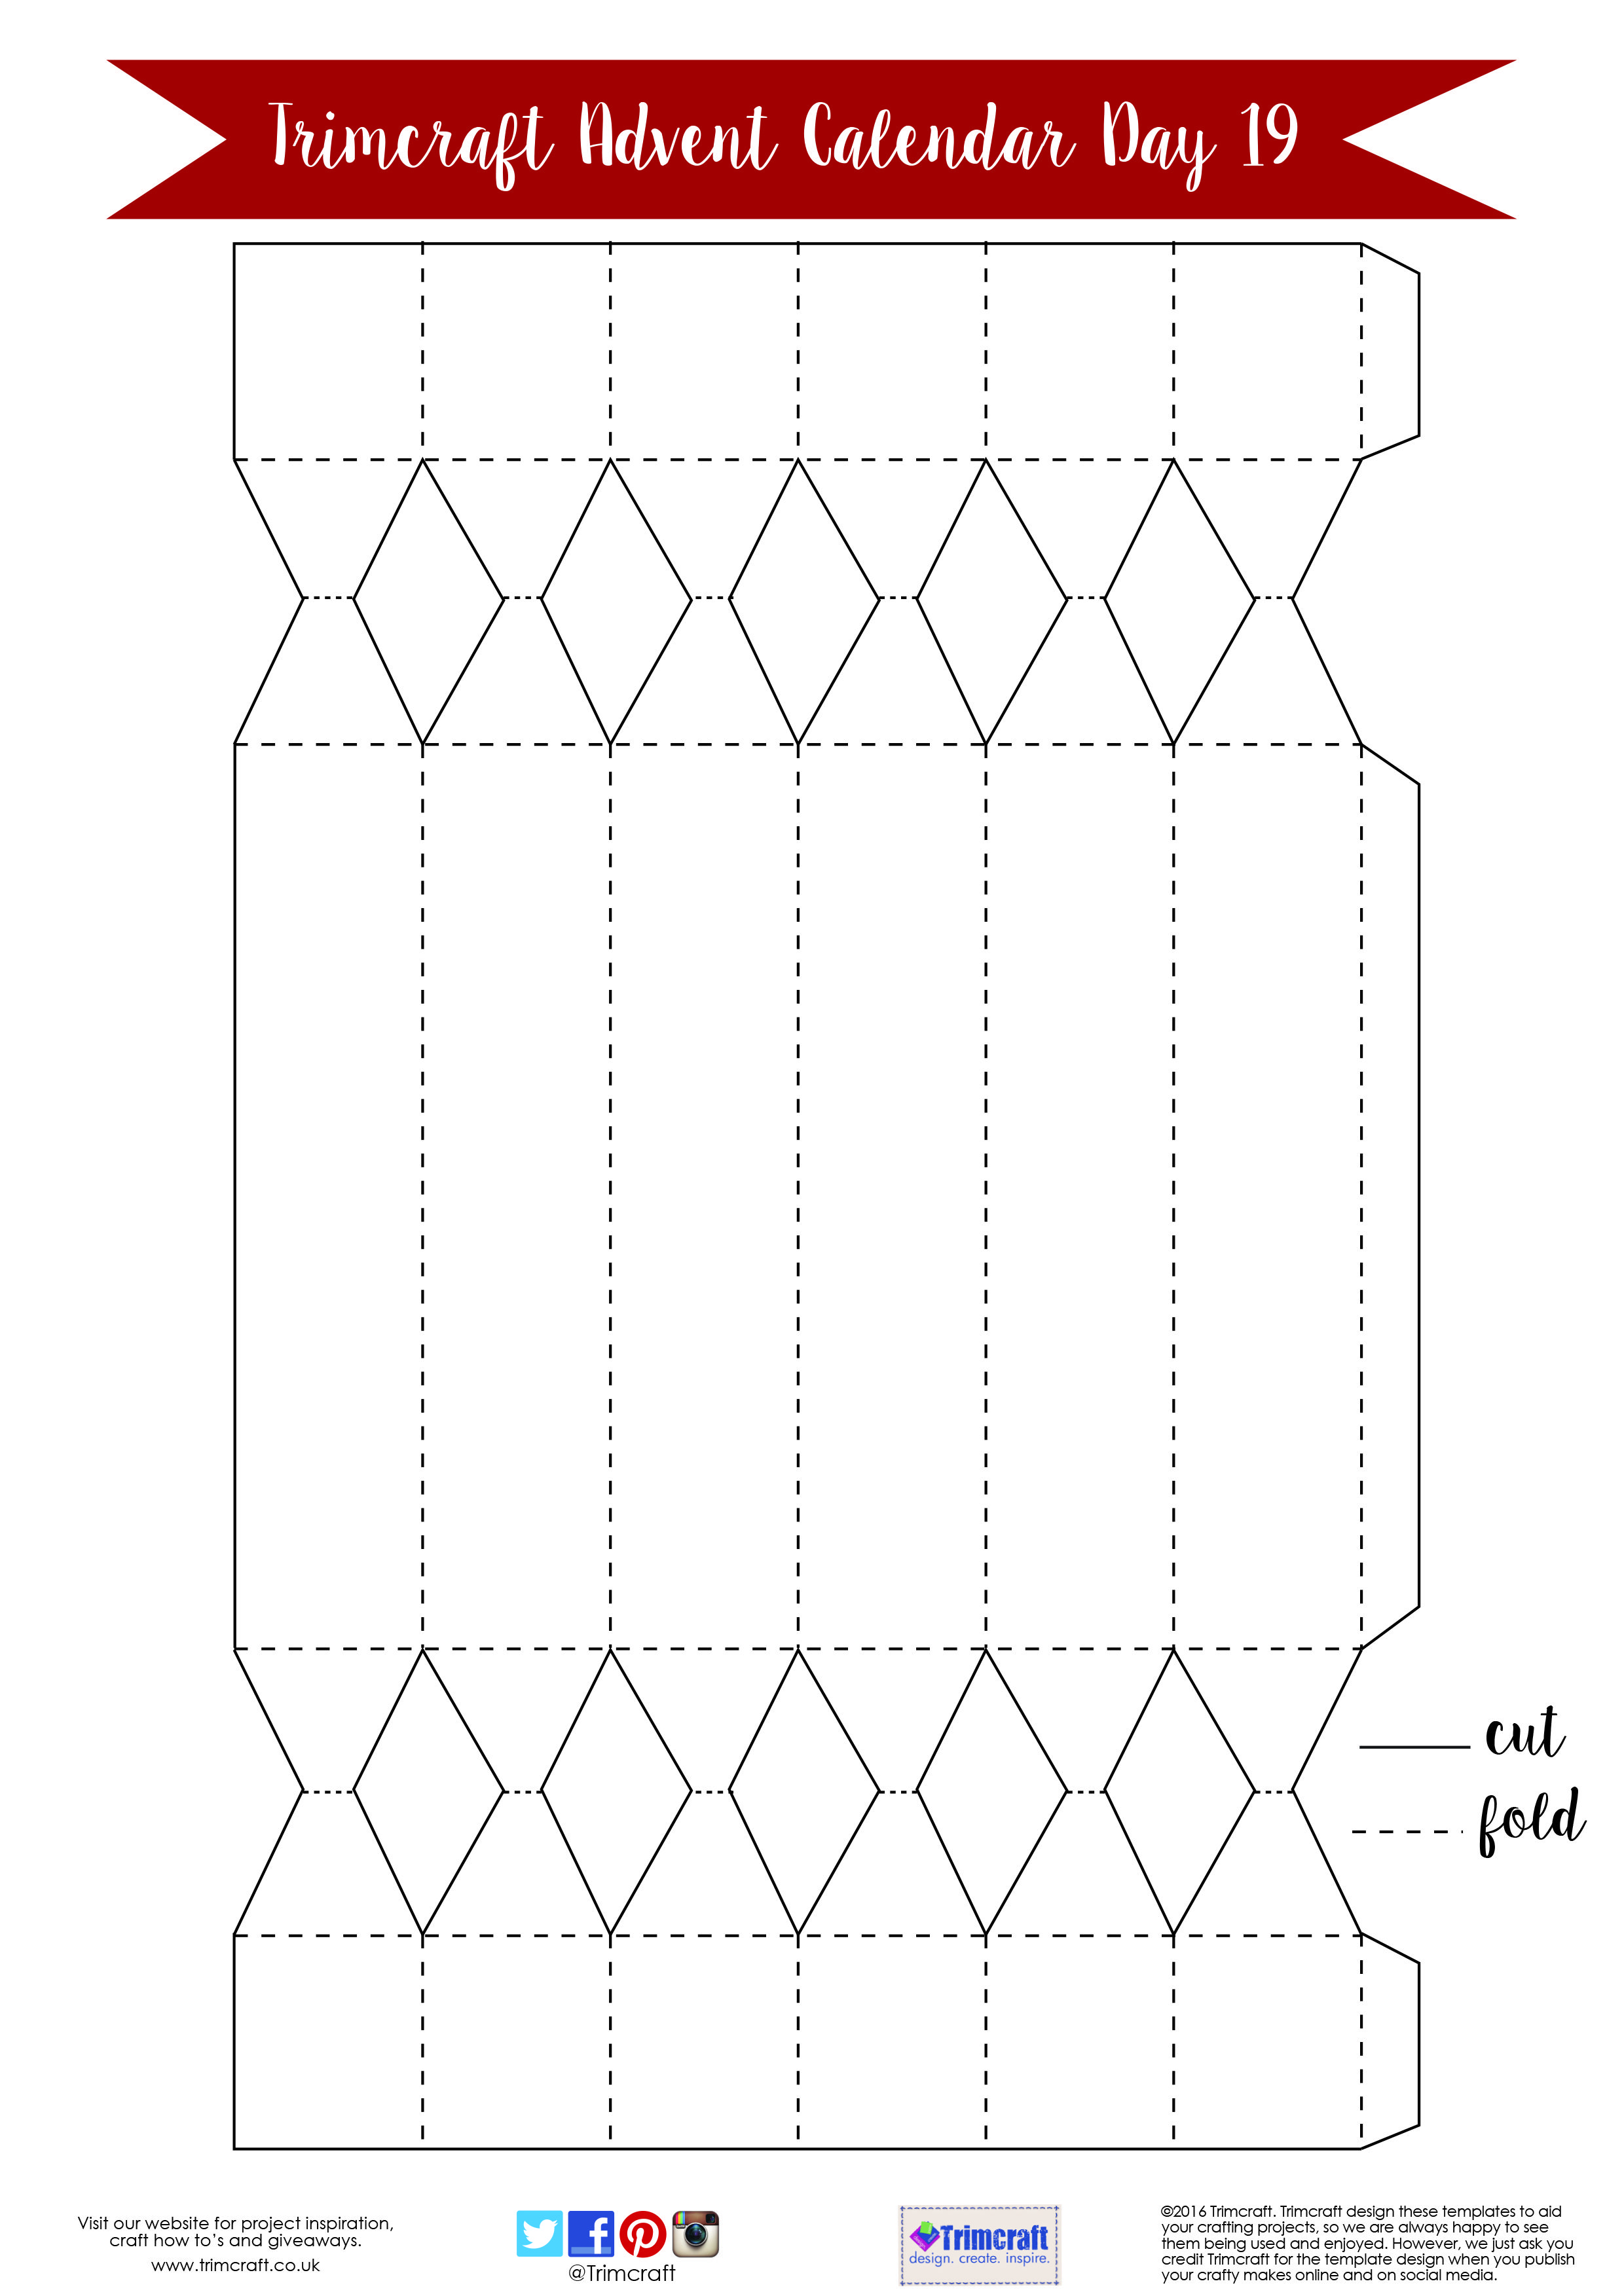 Trimcraft Advent Calendar Day 19- Free Hexagonal Christmas Cracker Template